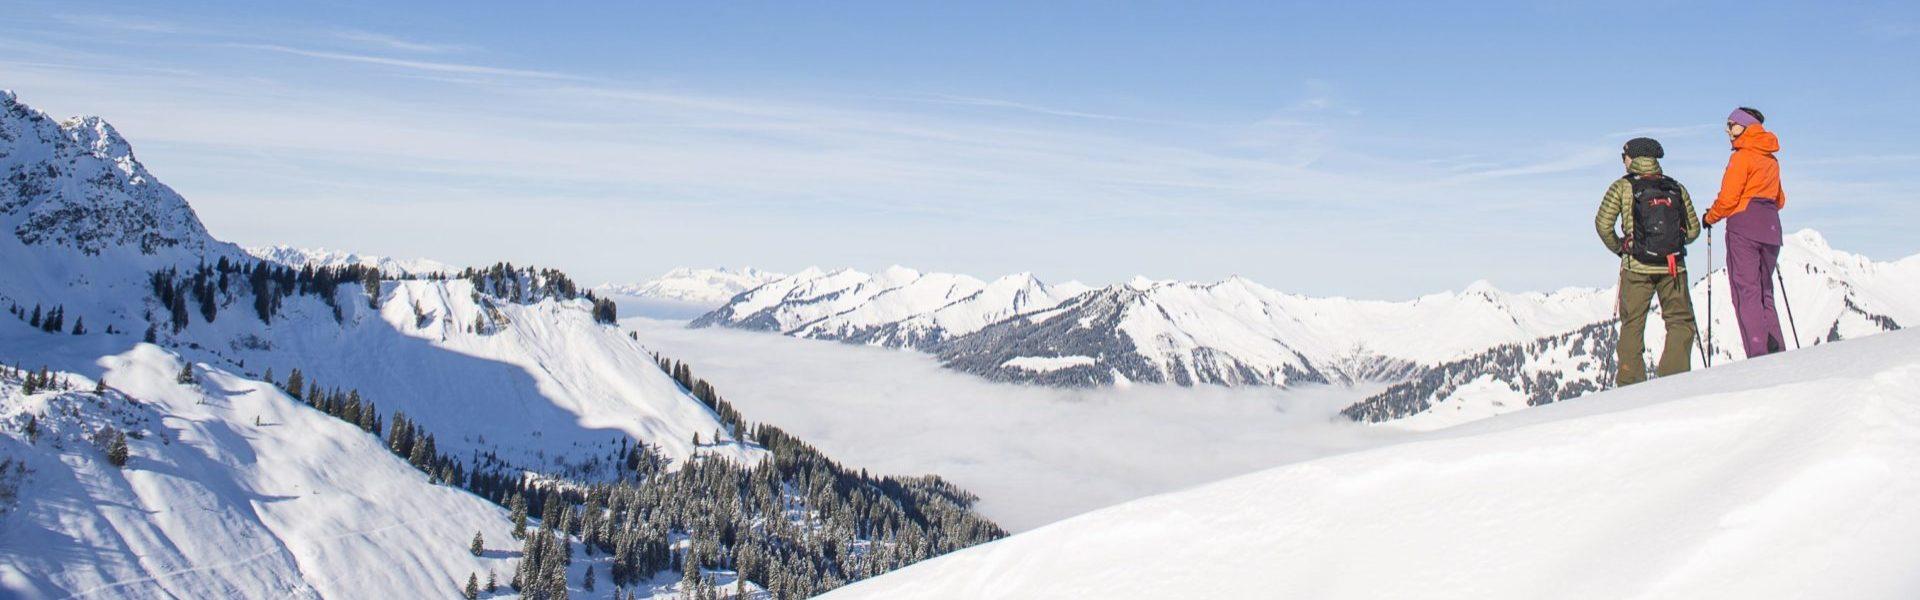 Aussicht im Skigebiet Sonntag-Stein, Grosses Walsertal © Alex Kaiser / Alpenregion Bludenz Tourismus